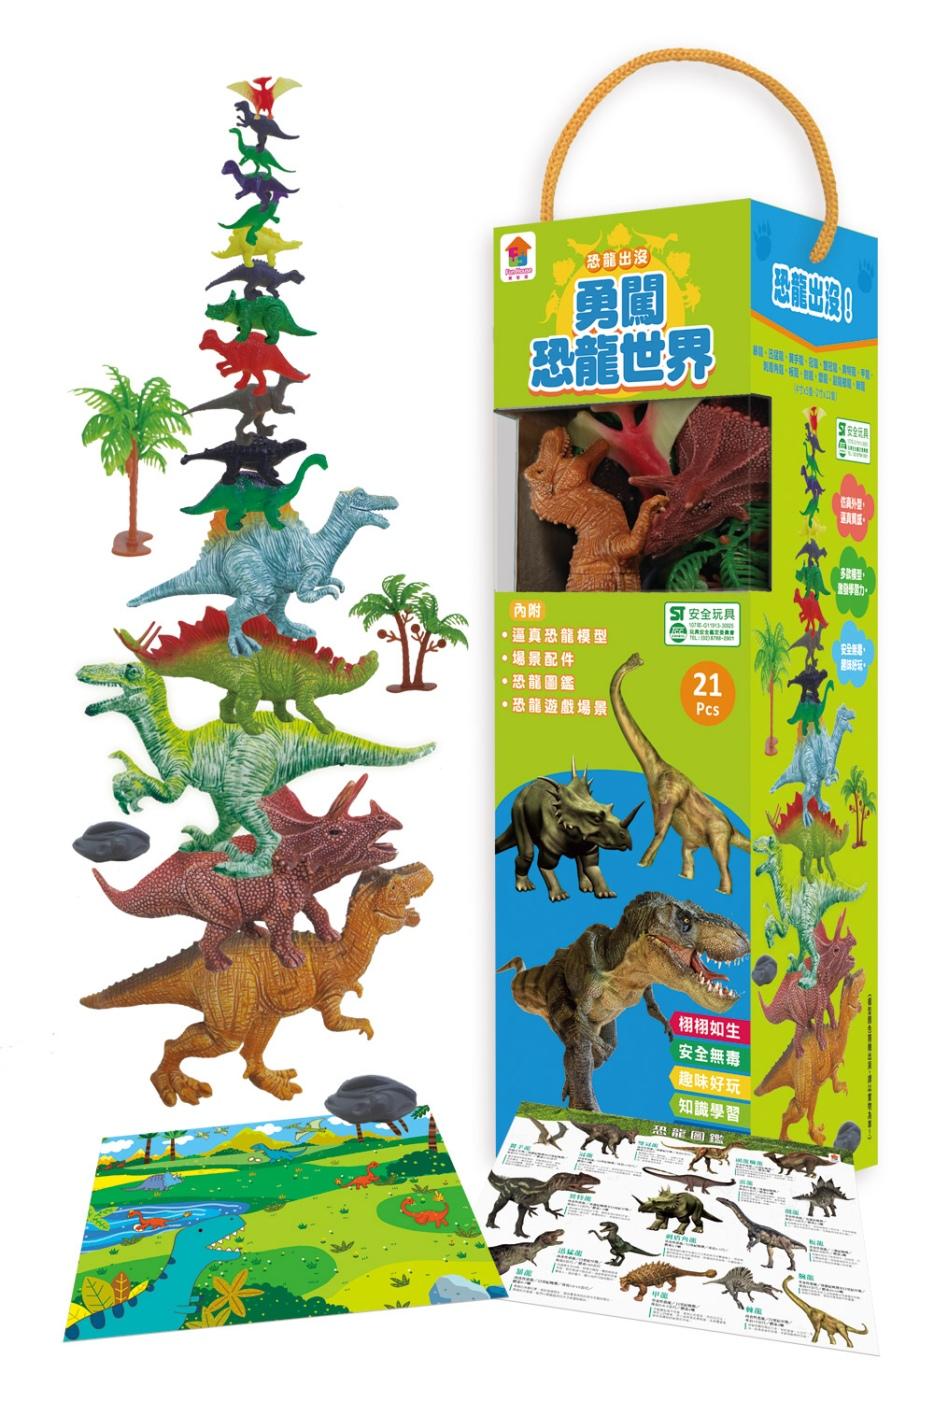 勇闖恐龍世界(內附17隻逼真恐龍模型+4個場景配件+恐龍圖鑑+恐龍遊戲場景)